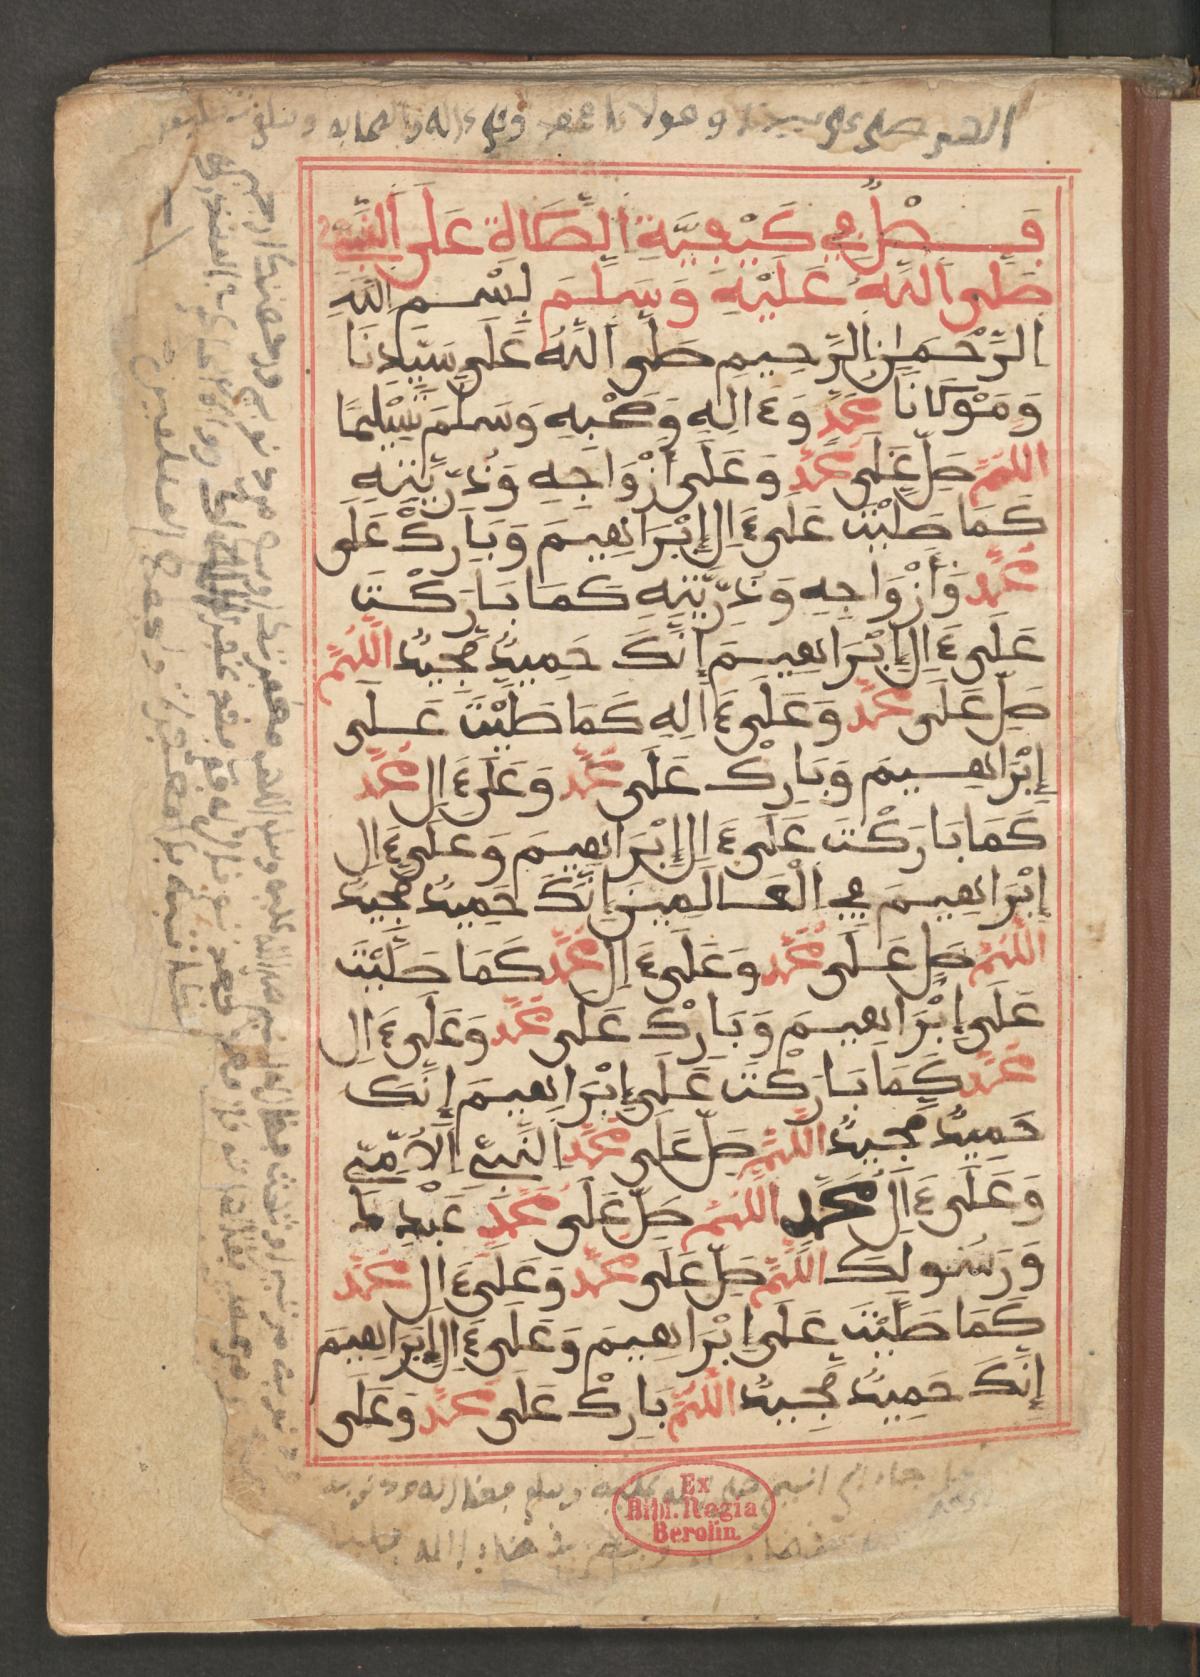 Ǧazūlī, Muḥammad Ibn-Sulaimān Dalāʾil al-Ḫairāt , 1666